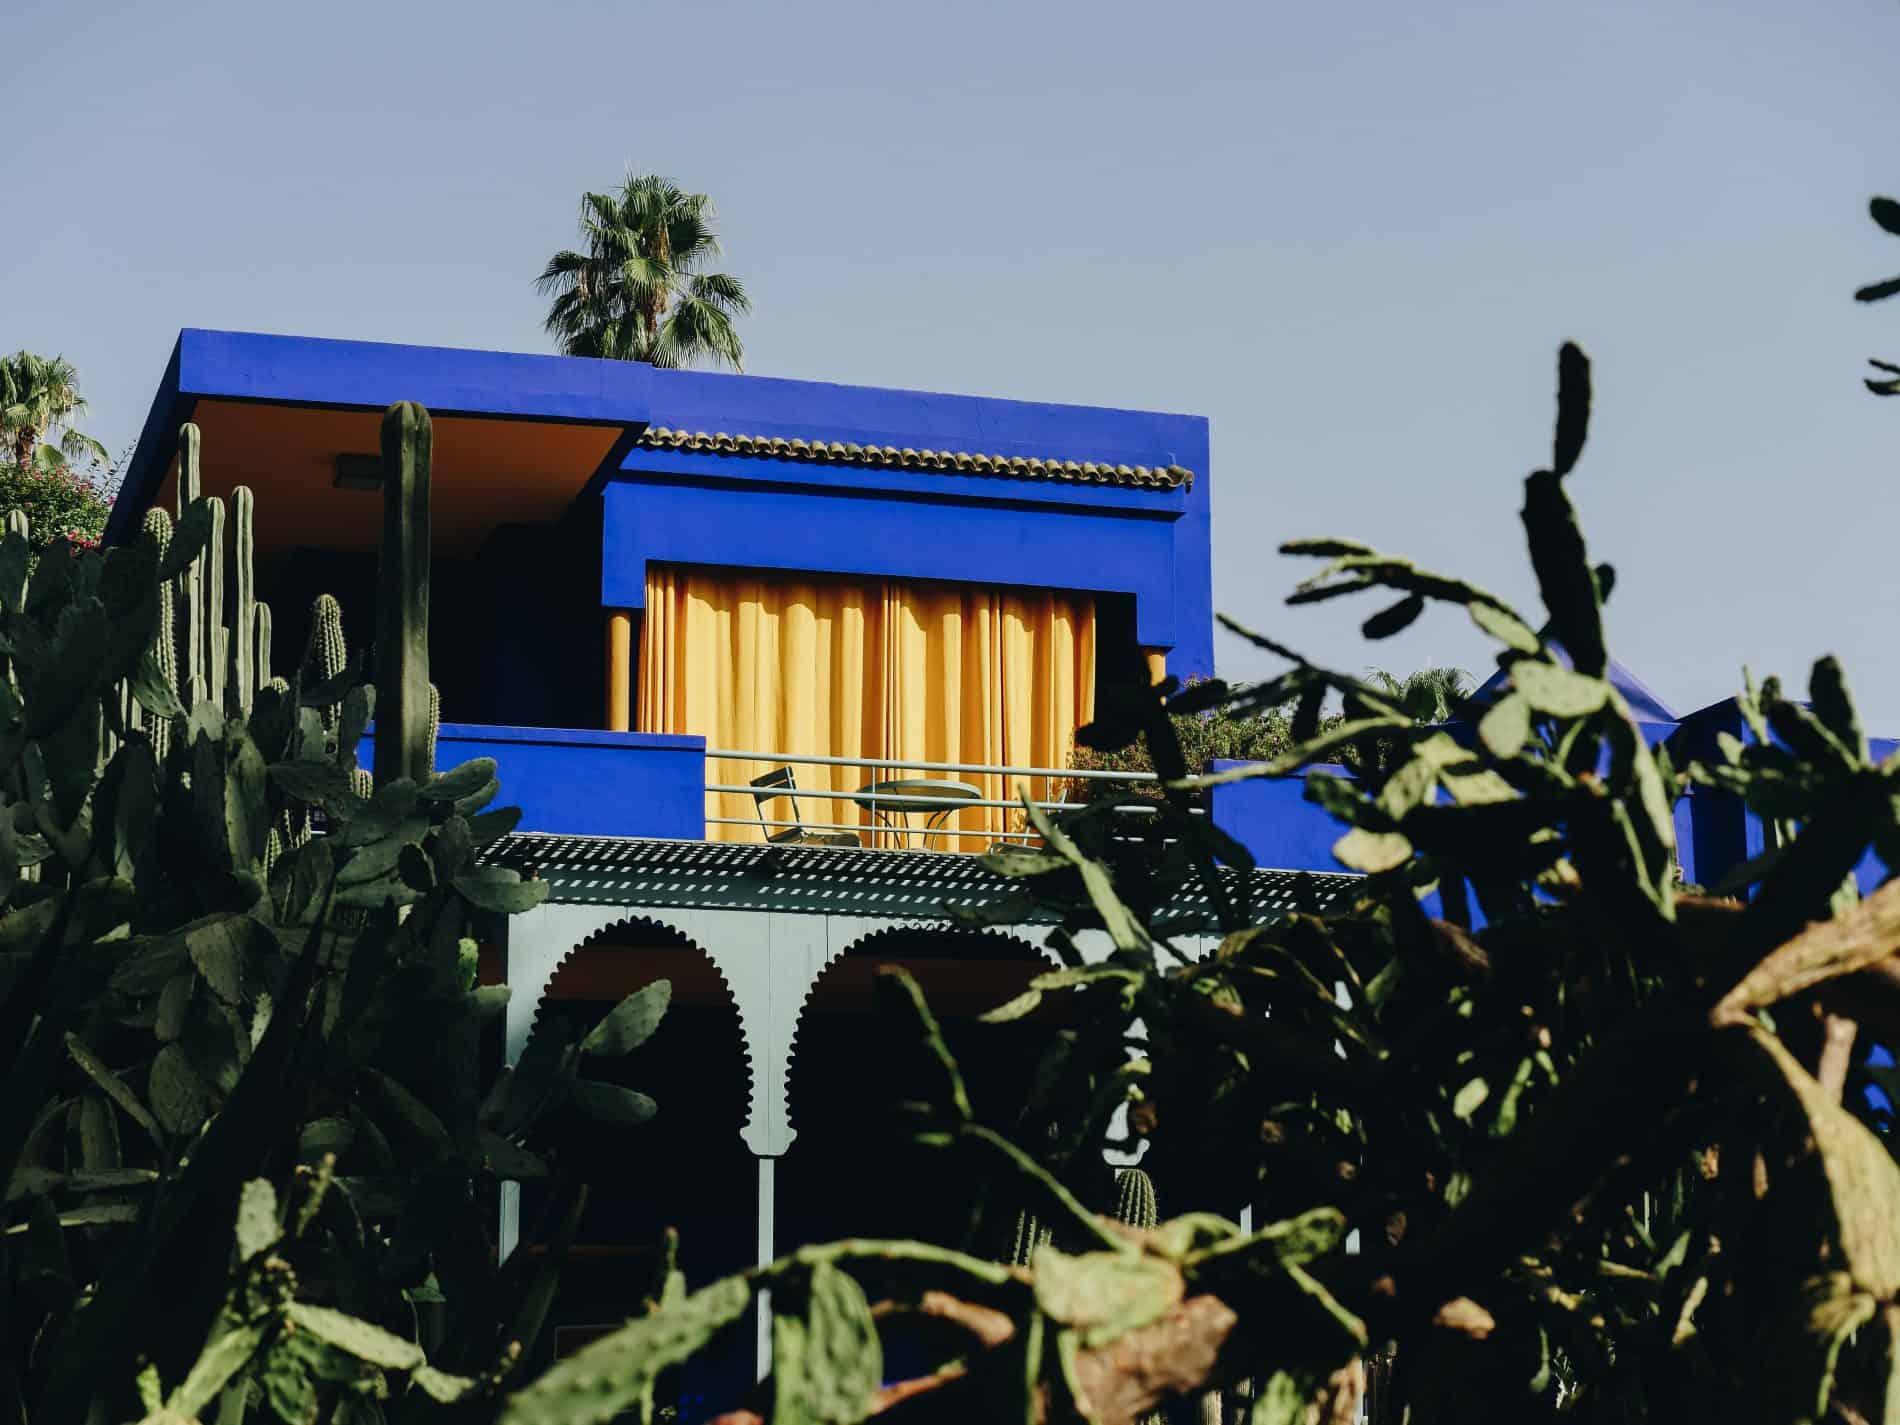 jardin majorette week end Marrakech Marco cityguide